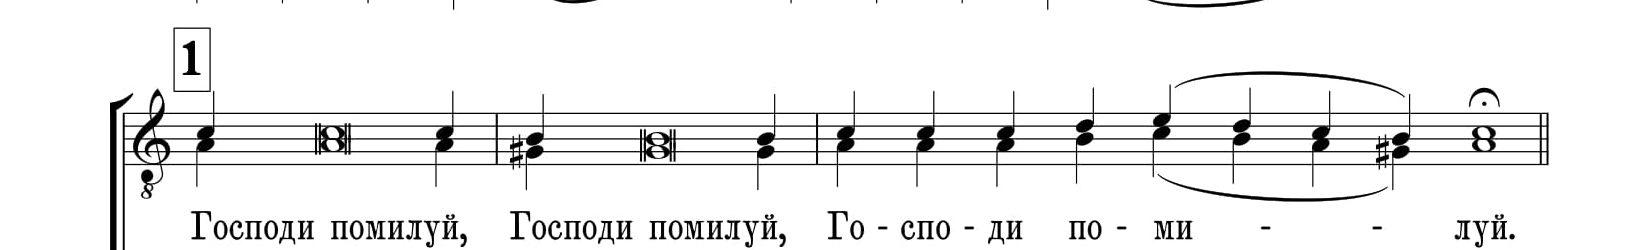 Сугубая ектения Киевского р-ва в излож. архим. Матфея